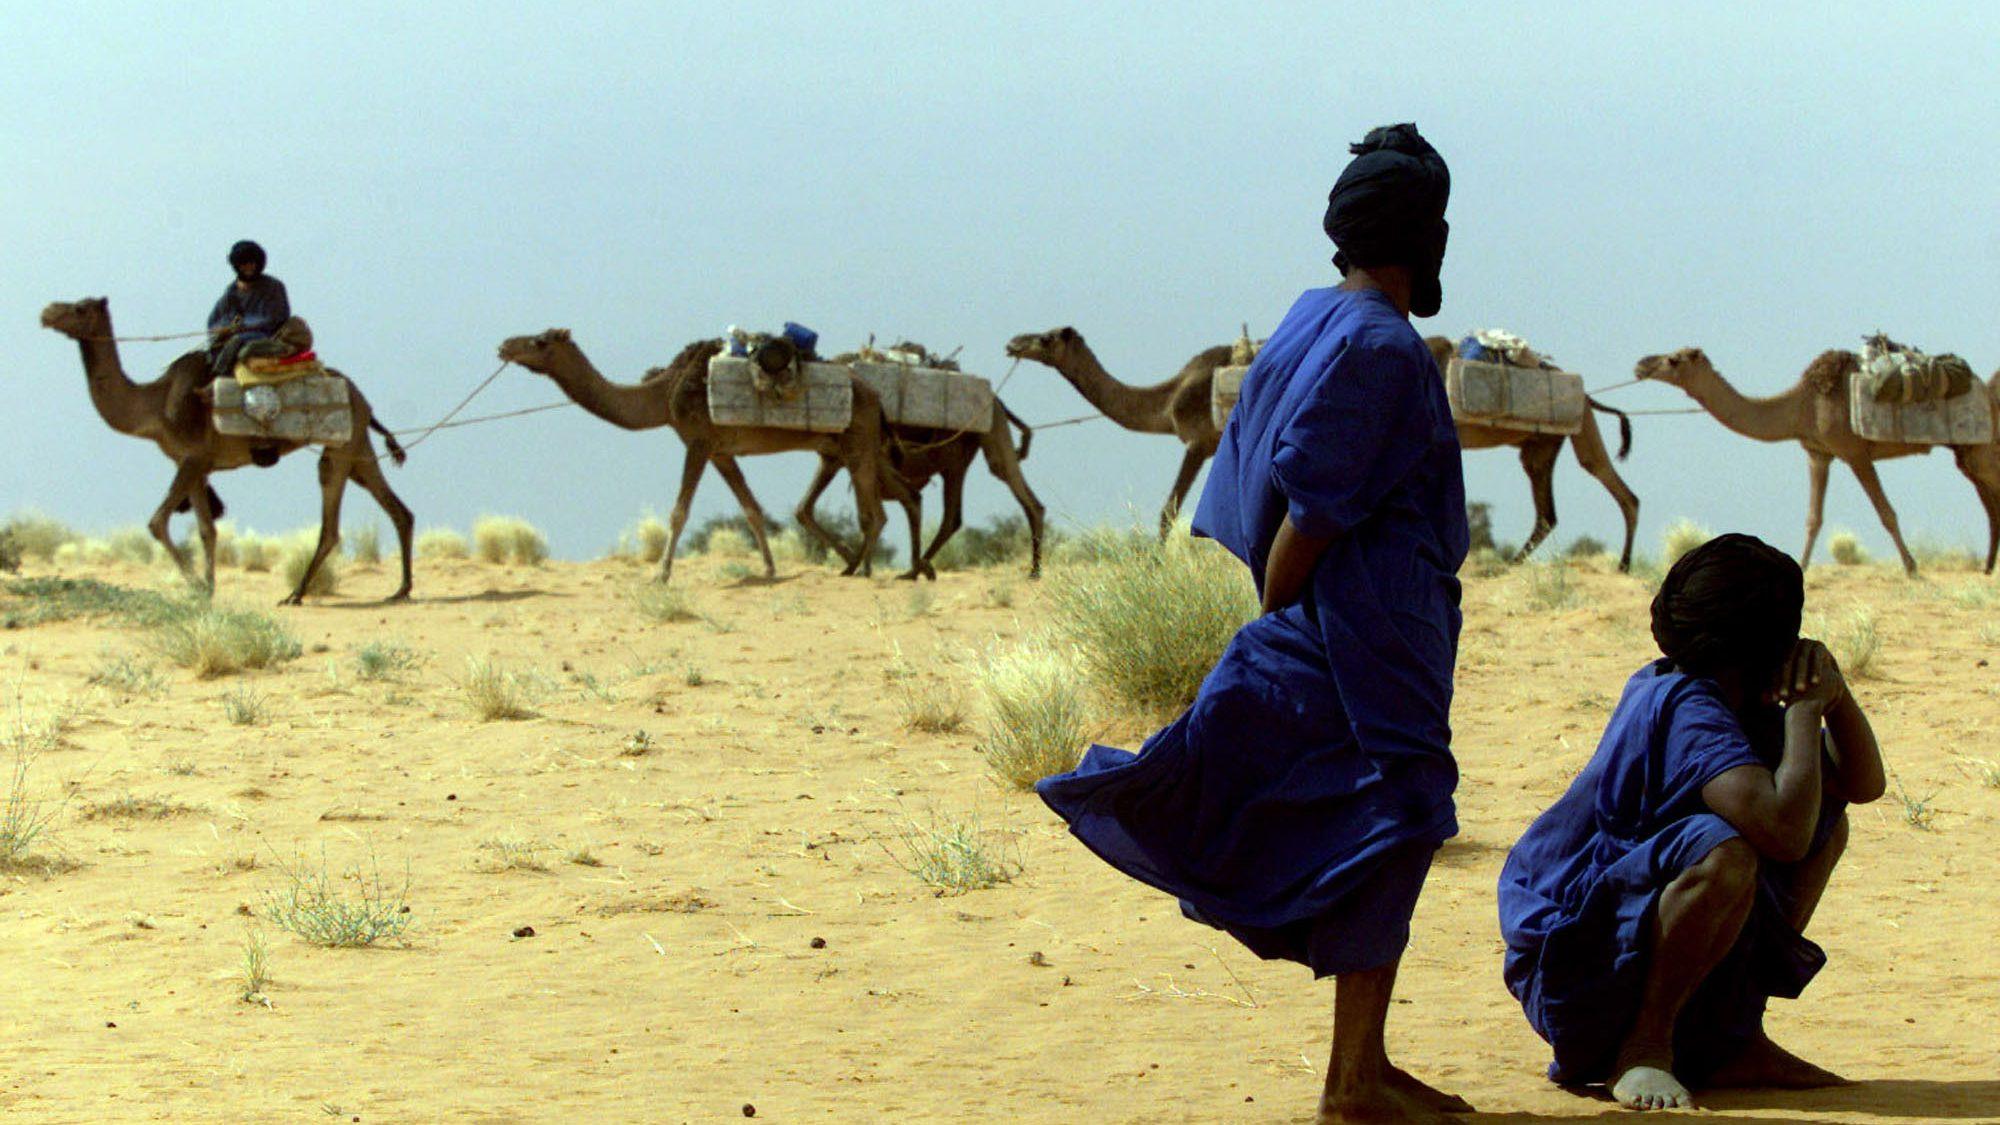 SAHARA SALT ROAD